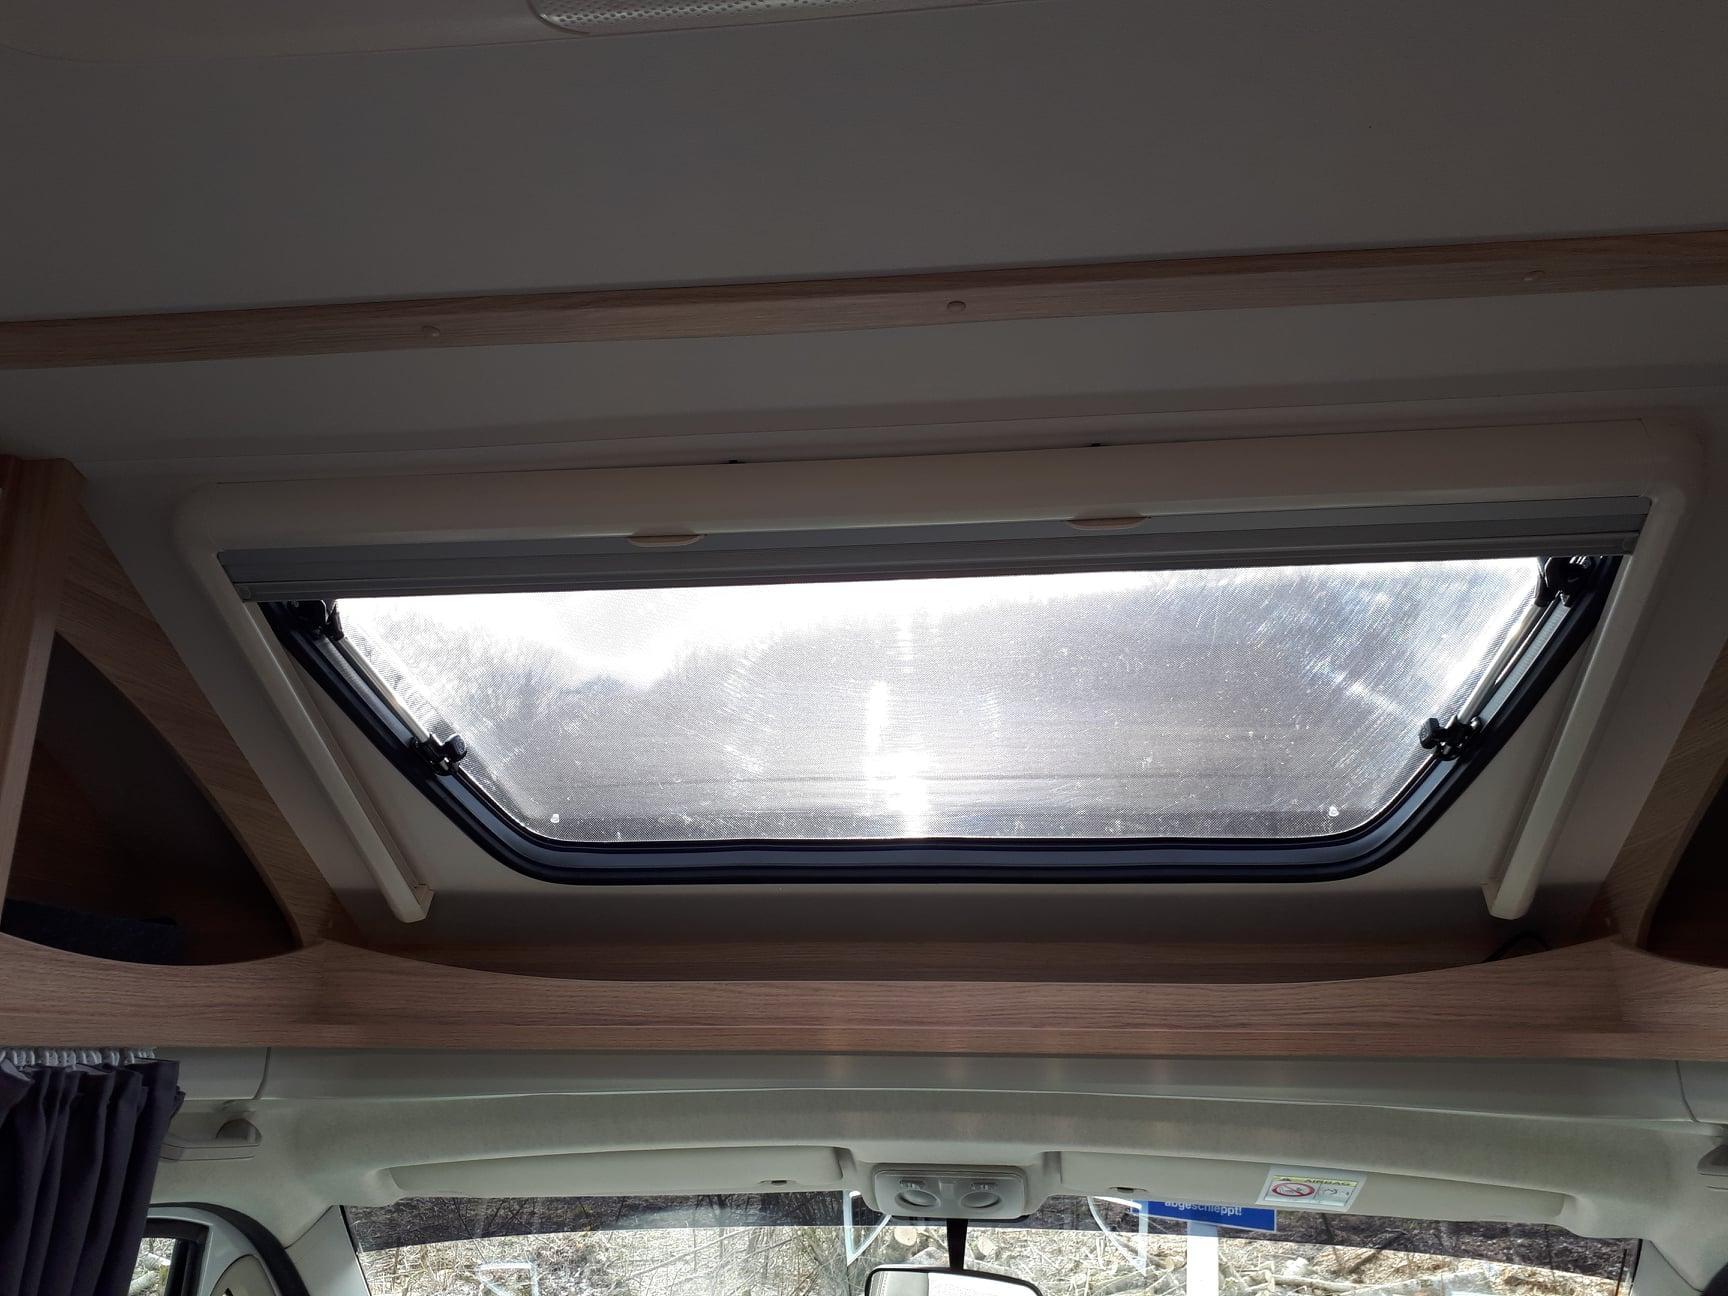 Sunlight T60, Sunlight T60 (Bj. 2020) zu verkaufen